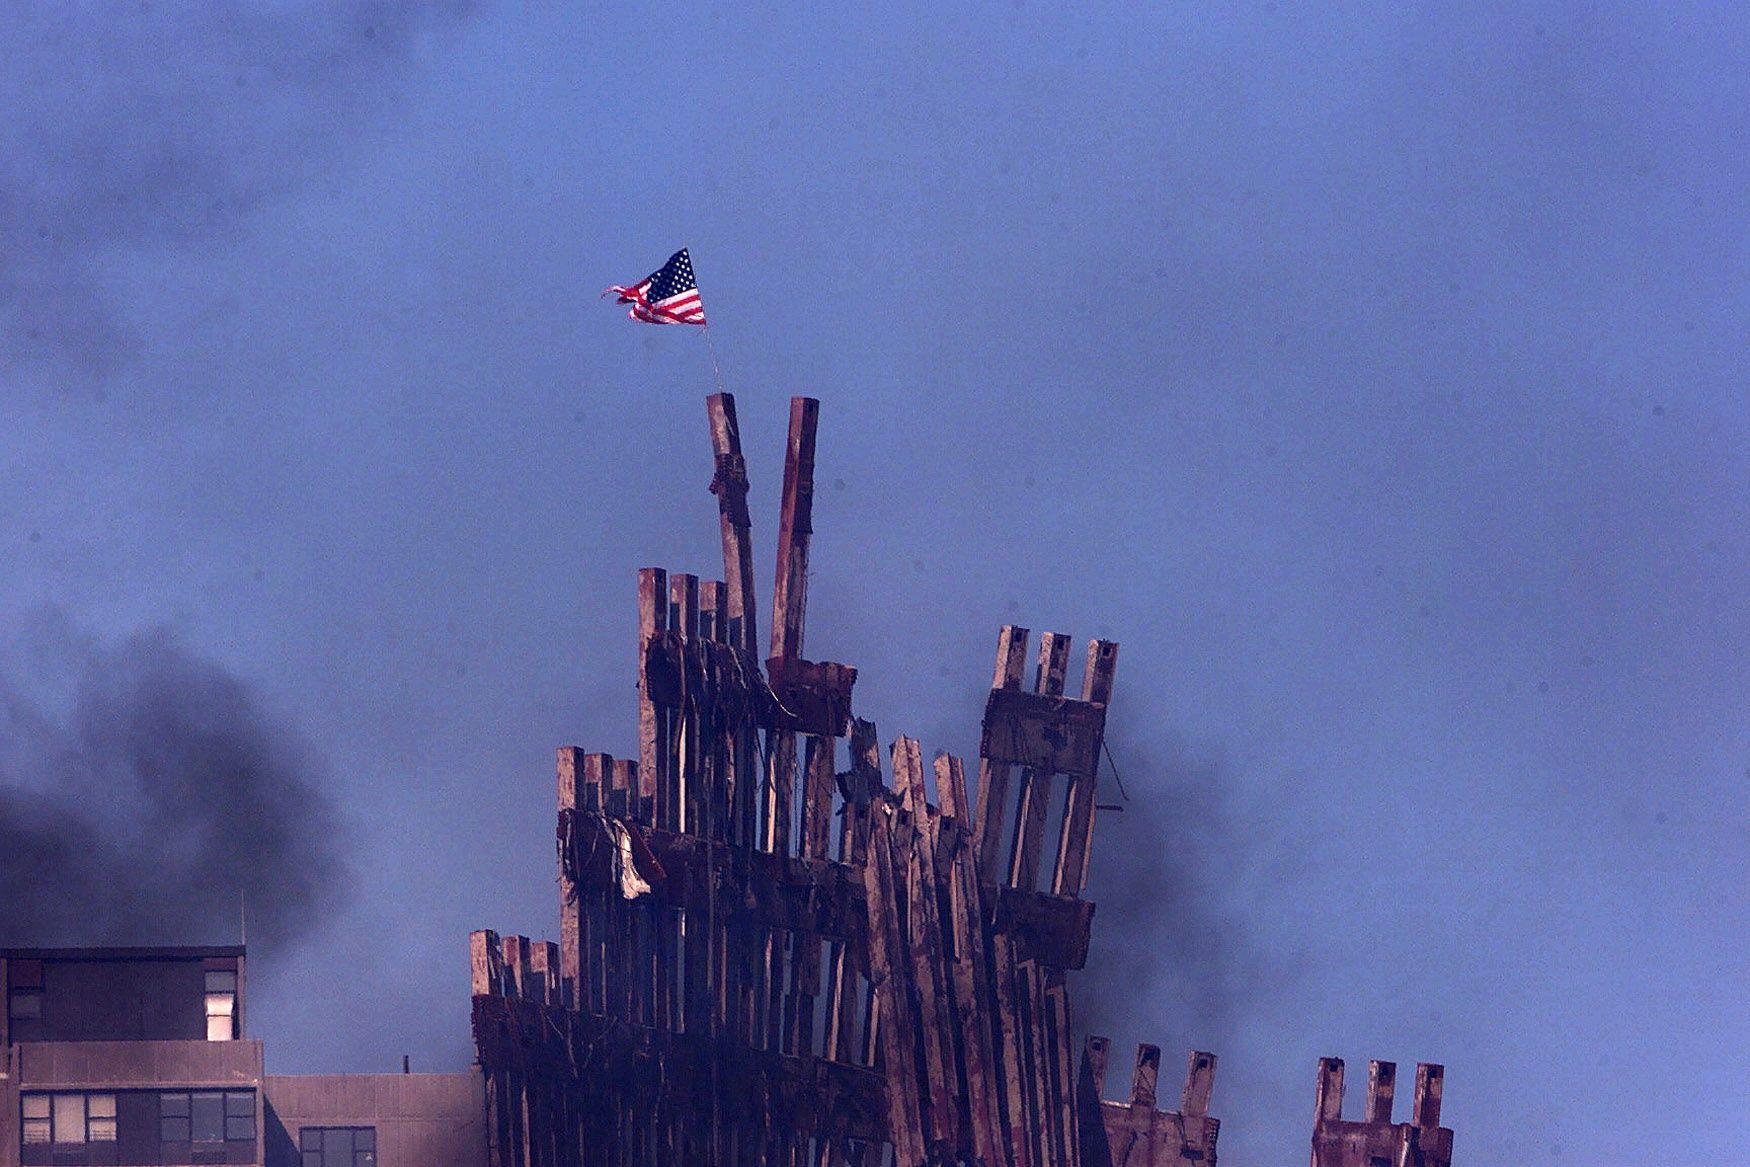 TERRORÅSTED: Ruinene etter de sammenraste tårnene World Trade Center i september 2001. Det amerikanske flagget vaier i toppen.